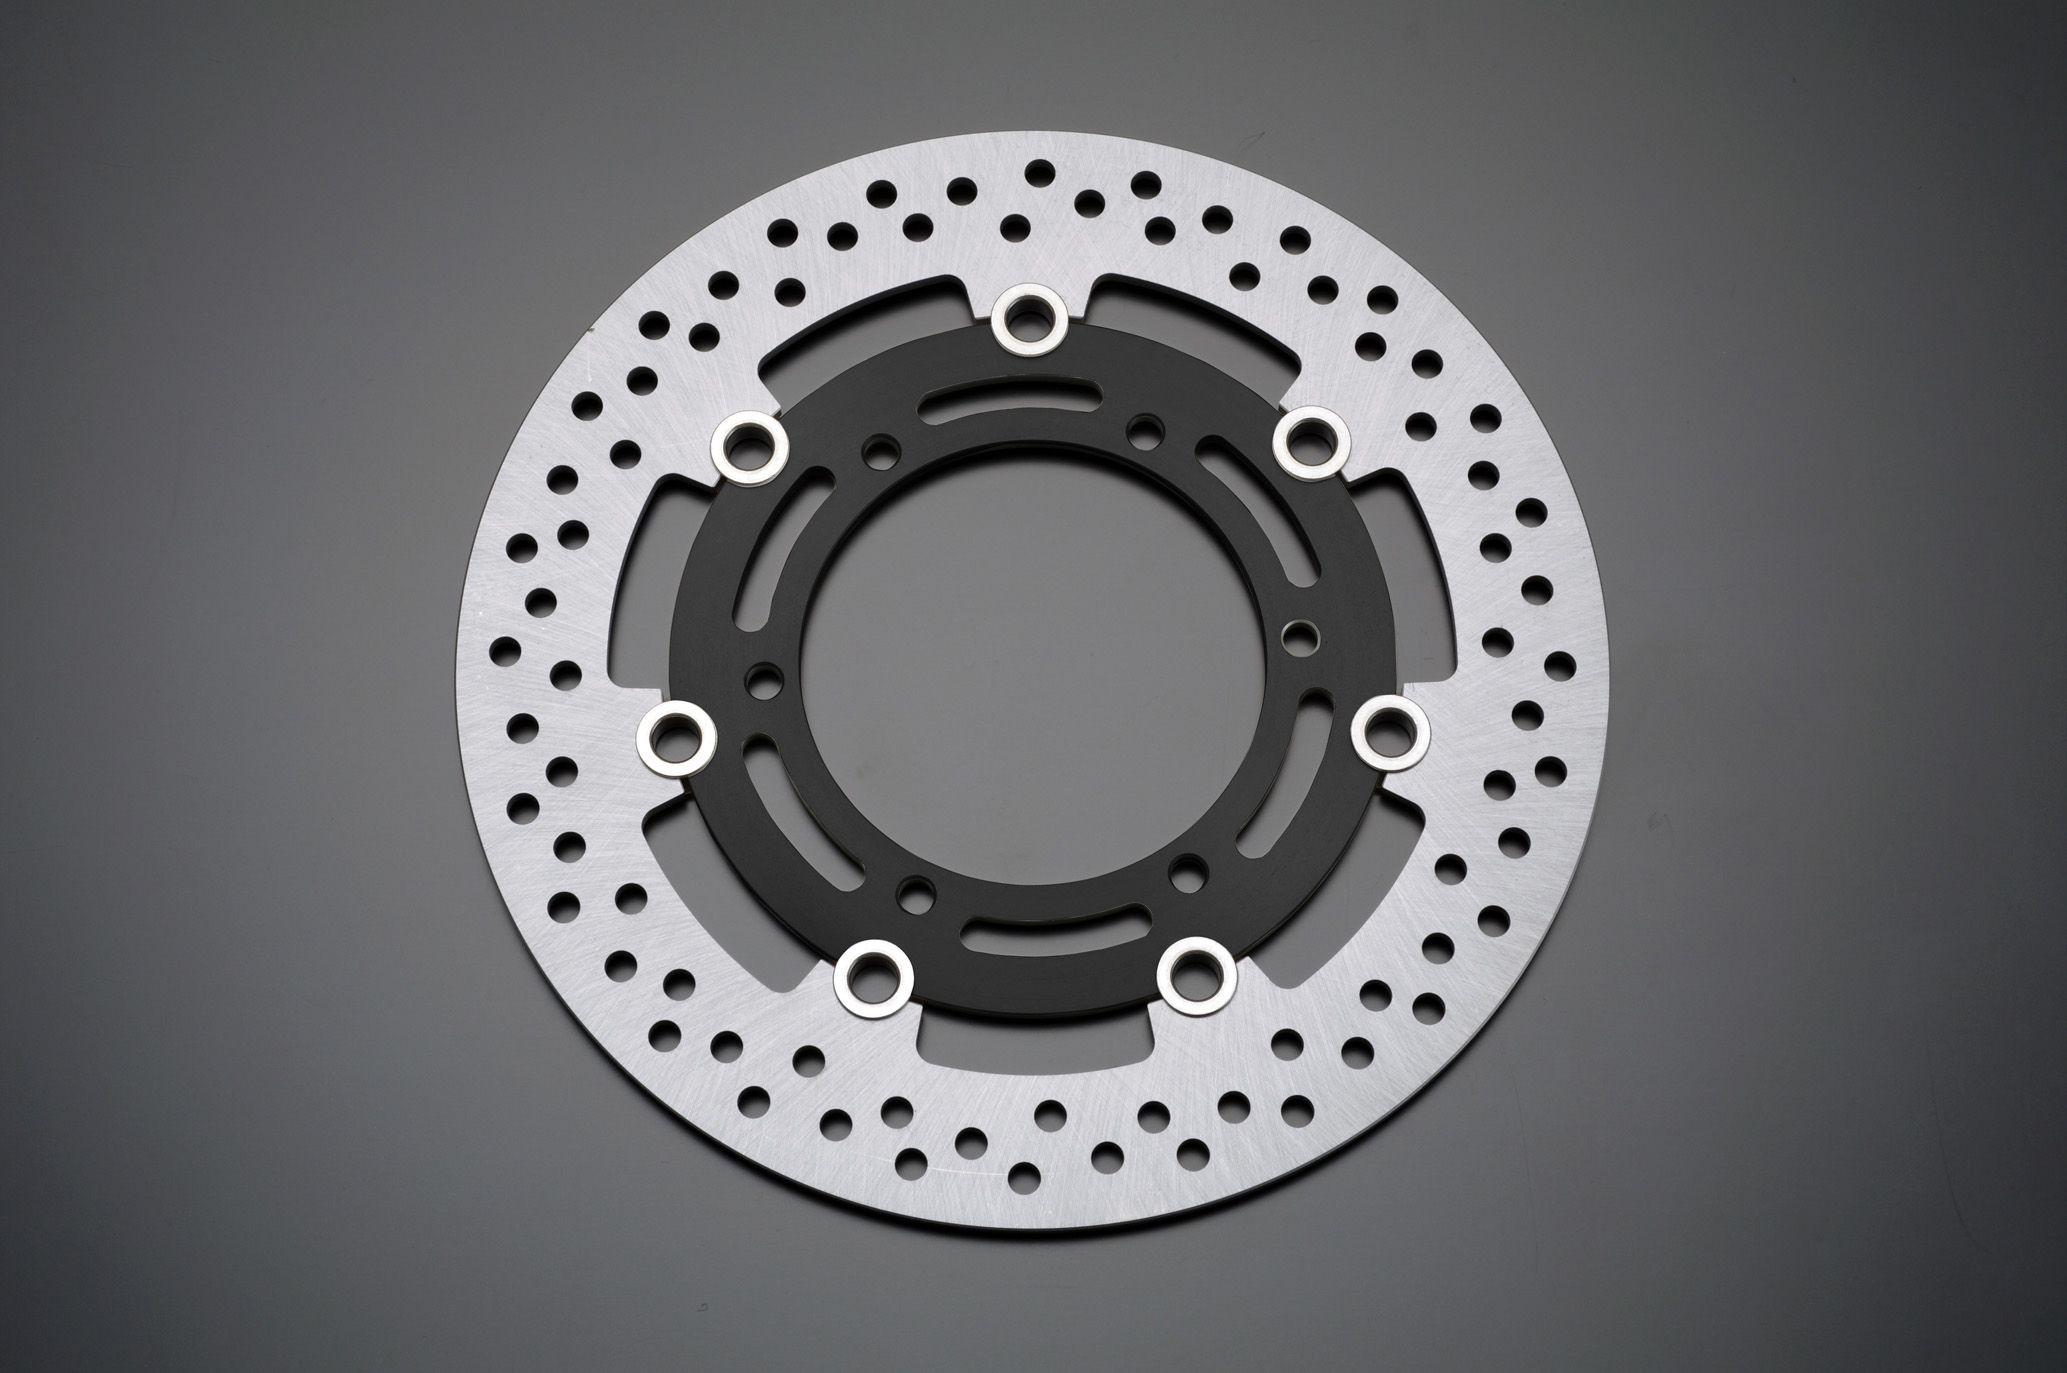 Φ285 煞車碟盤套件 一般型卡鉗用 (黑色)